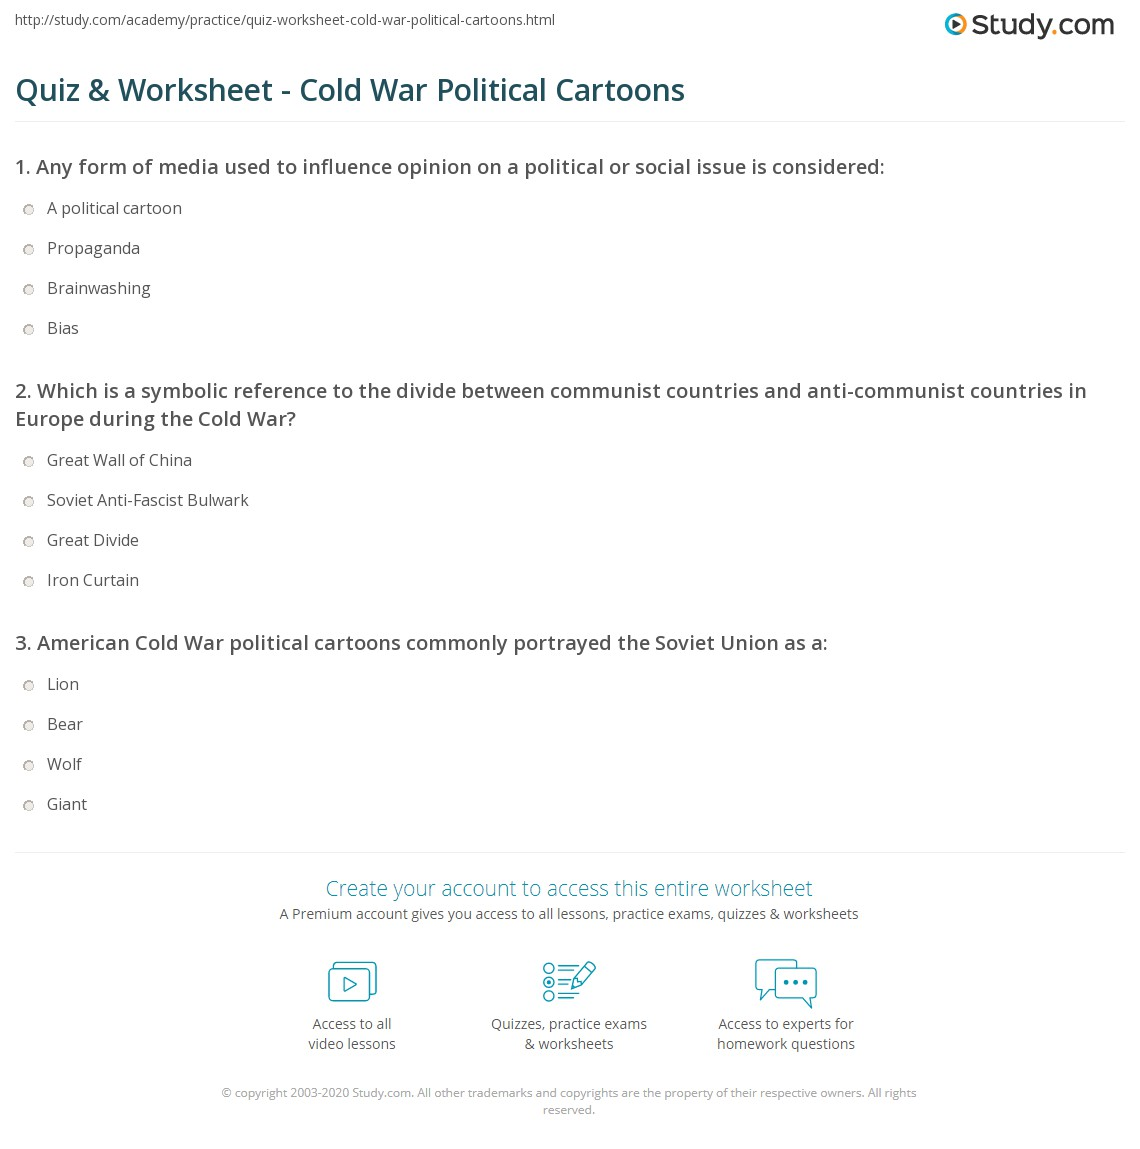 Complete cartoon analysis worksheet